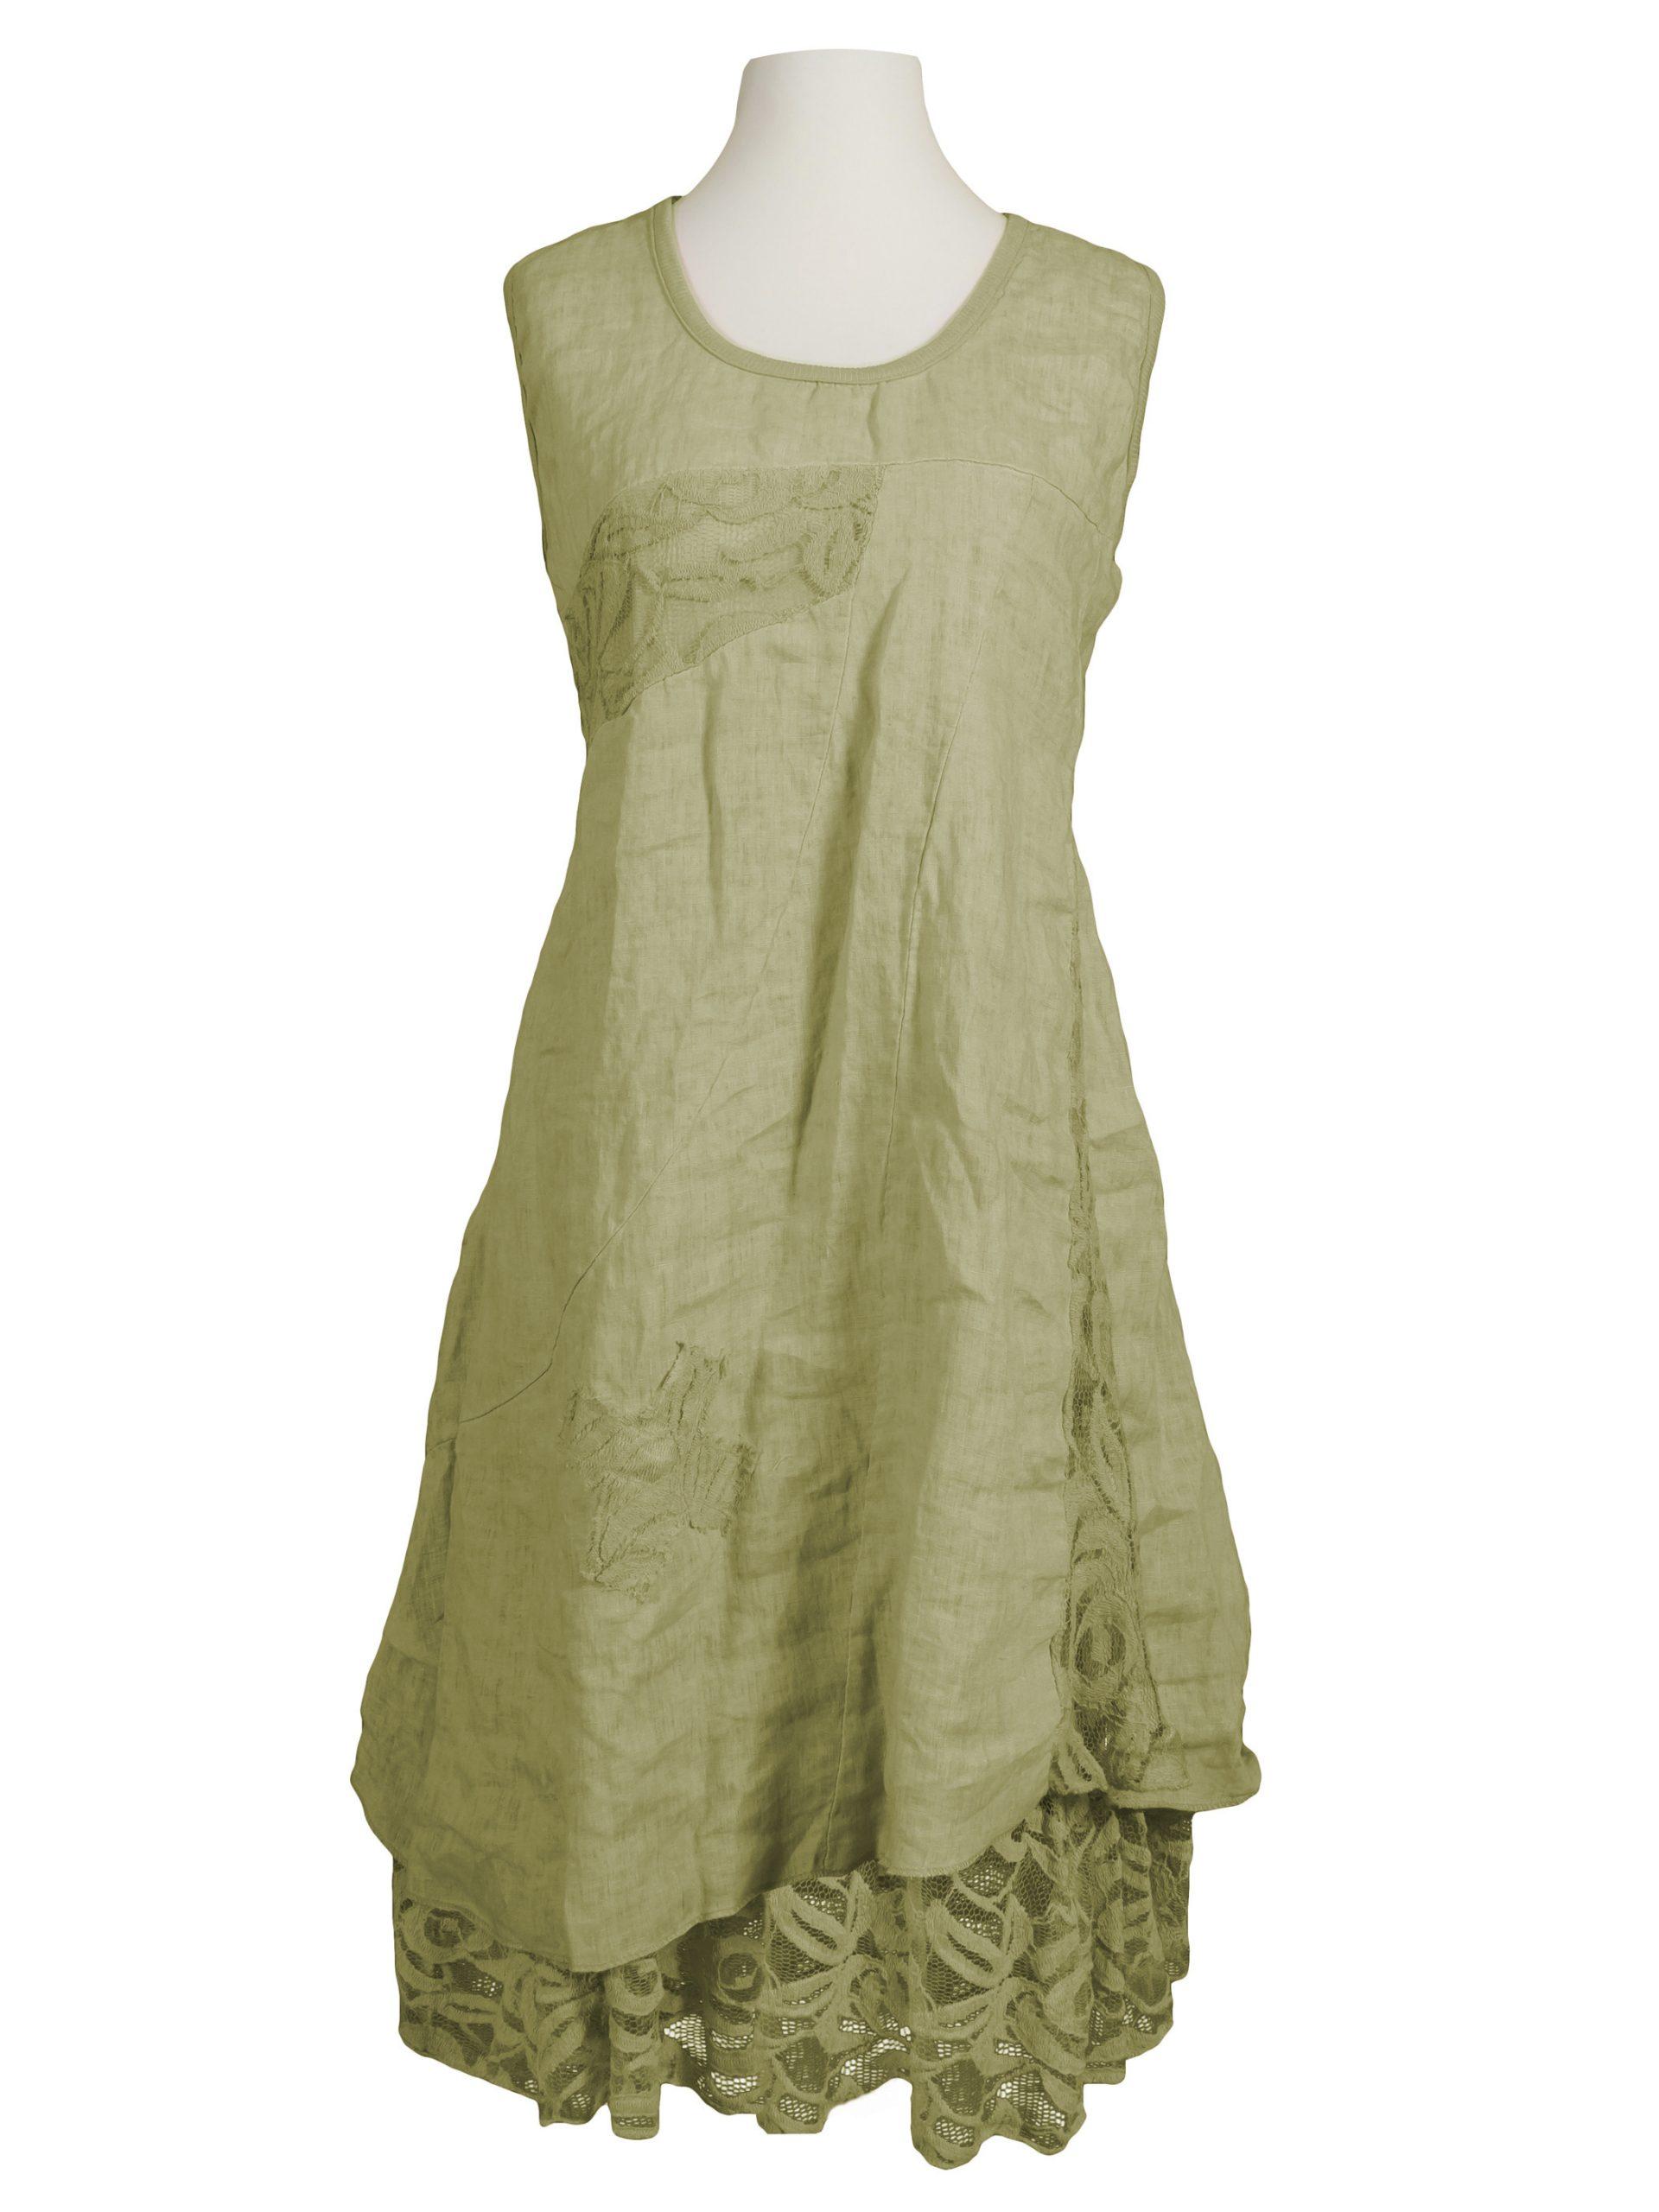 Leinenkleid Mit Spitze Grün Bei Meinkleidchen Kaufen